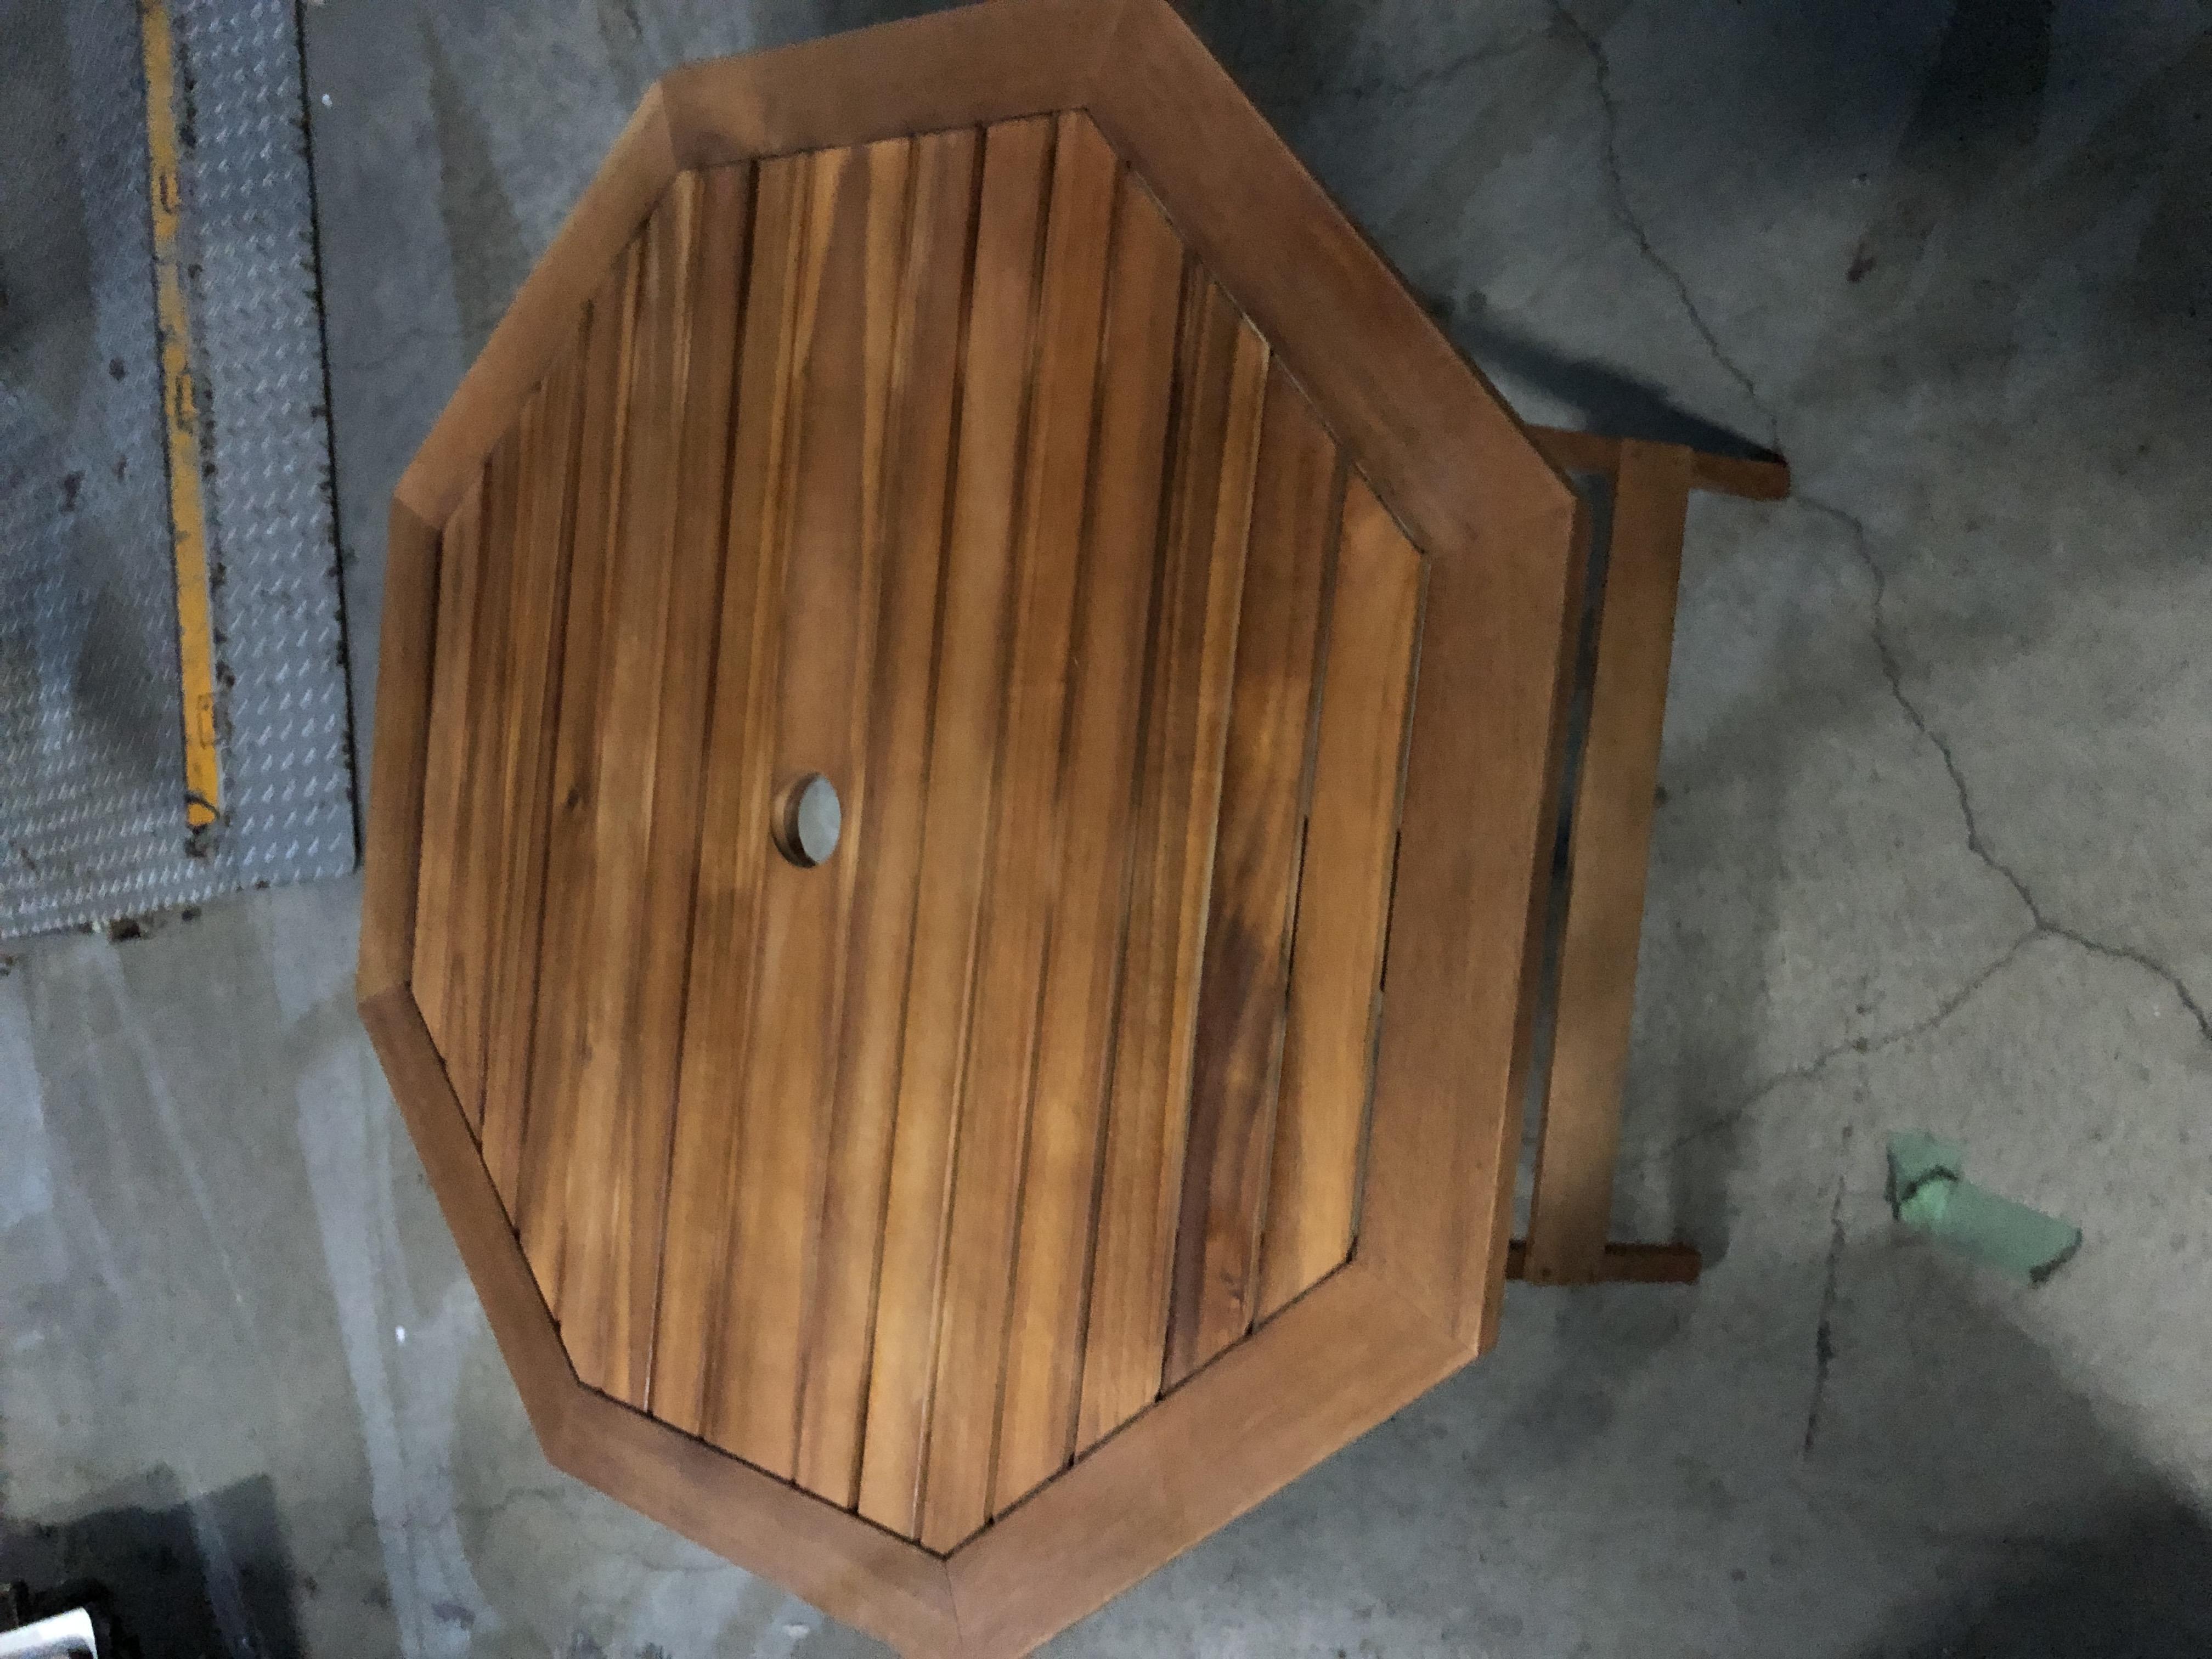 場を華やかにするパラソルテーブルなら神奈川イベント会社!